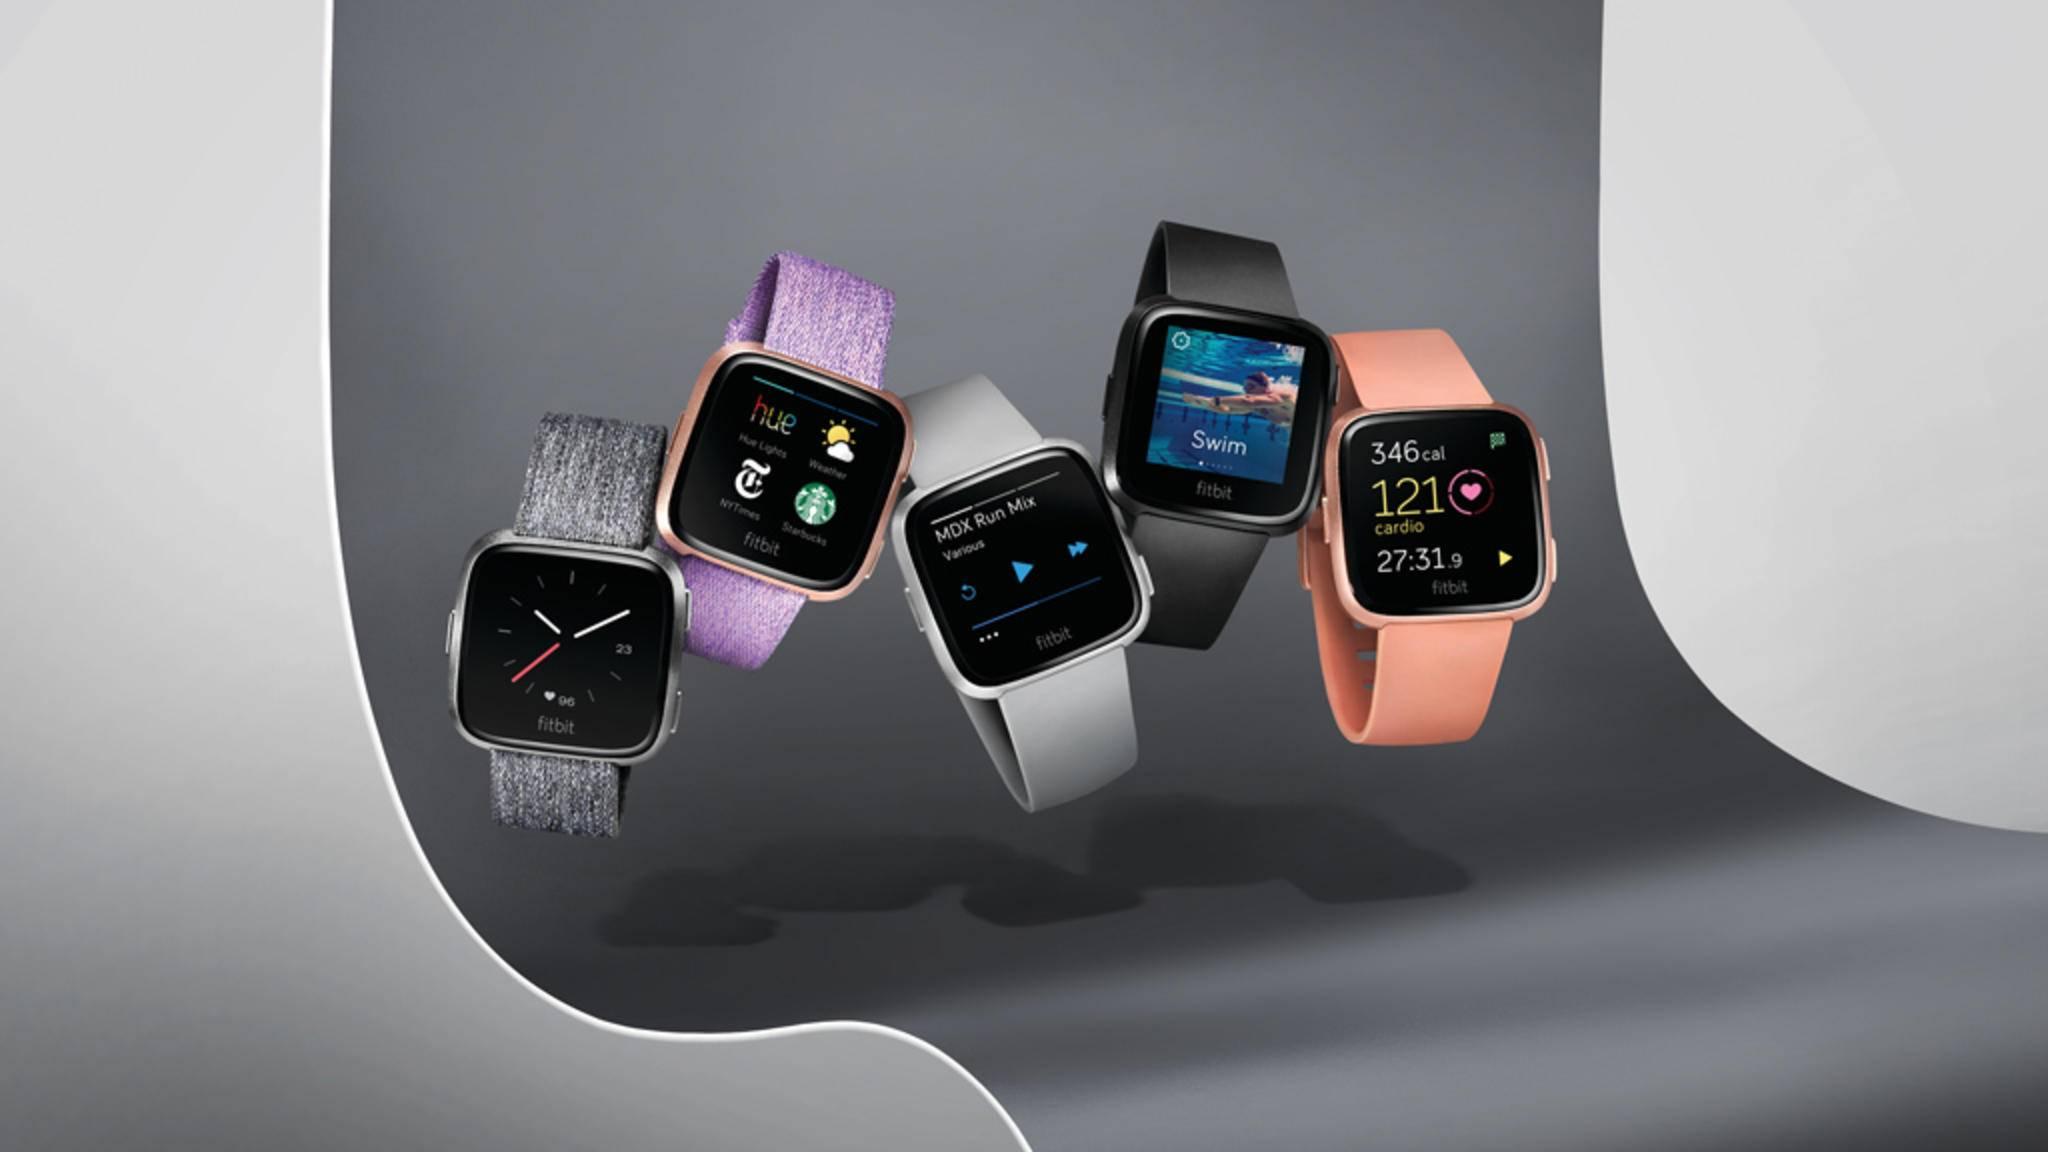 Du suchst eine kleine Smartwatch für Frauen? Wie wäre es mit der Fitbit Versa?